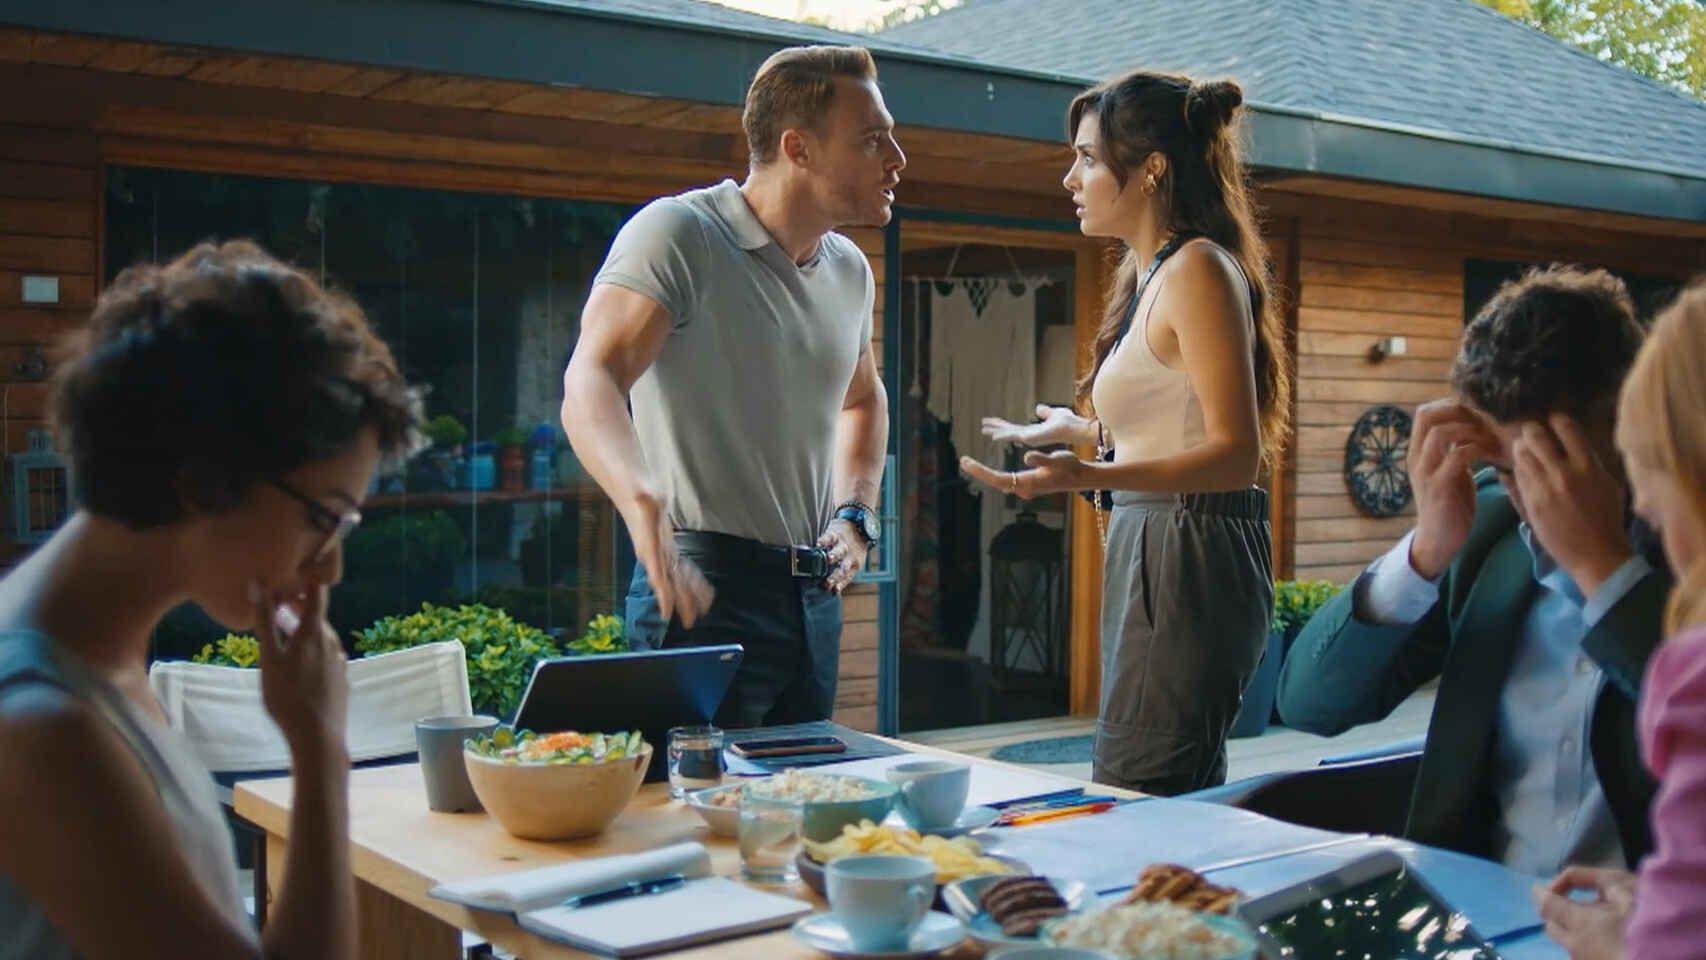 'Love is in the air': el peor momento para Serkan y Eda en el capítulo